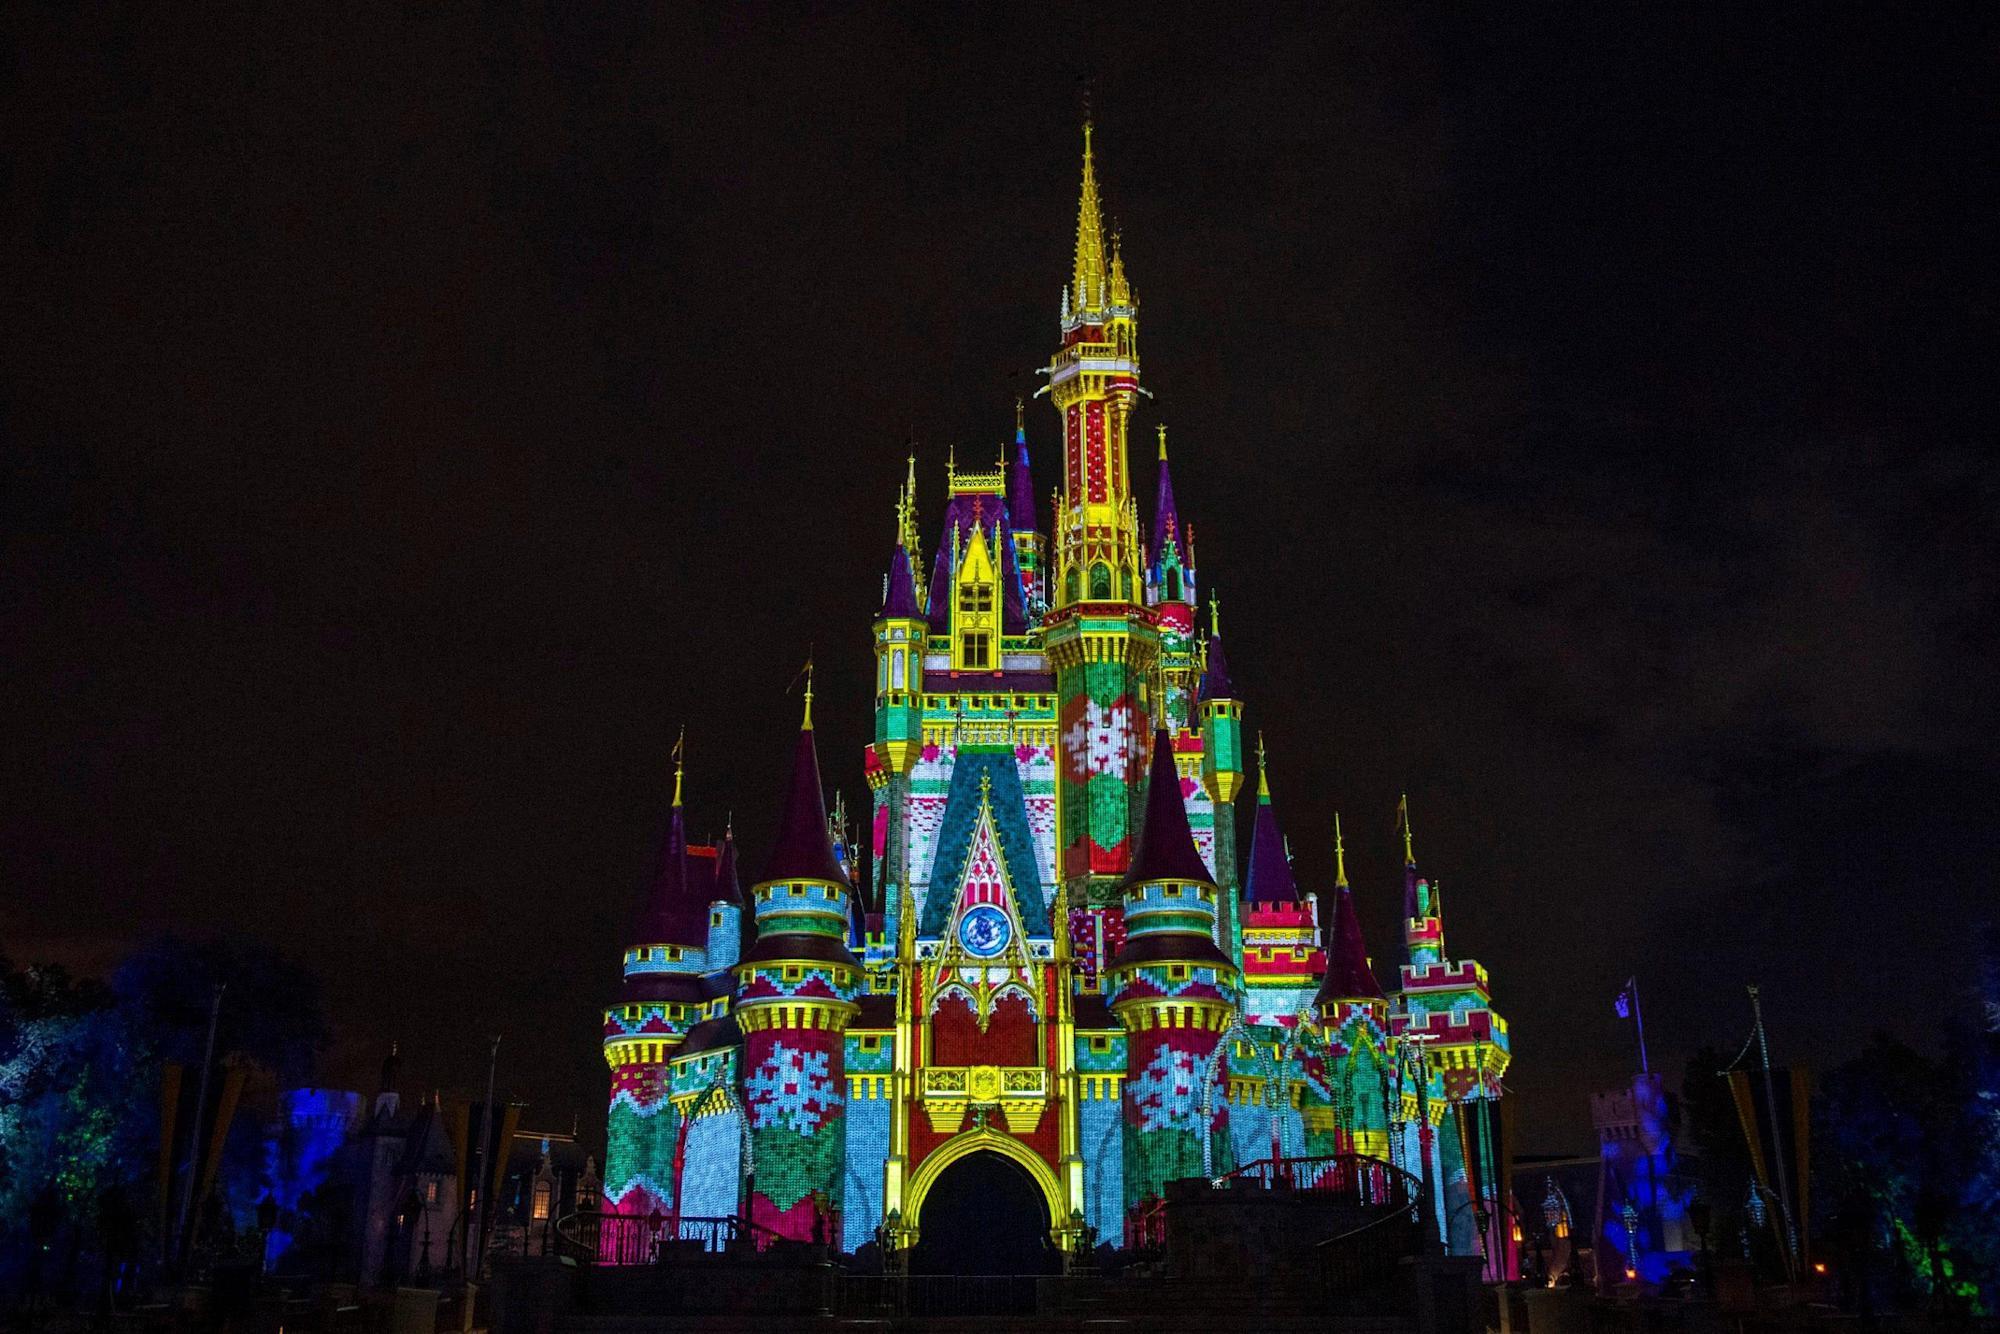 Bữa tiệc sinh nhật rất vui vẻ của Mickey đã được thay thế bằng một sự kiện kỳ nghỉ mới tại Disney World